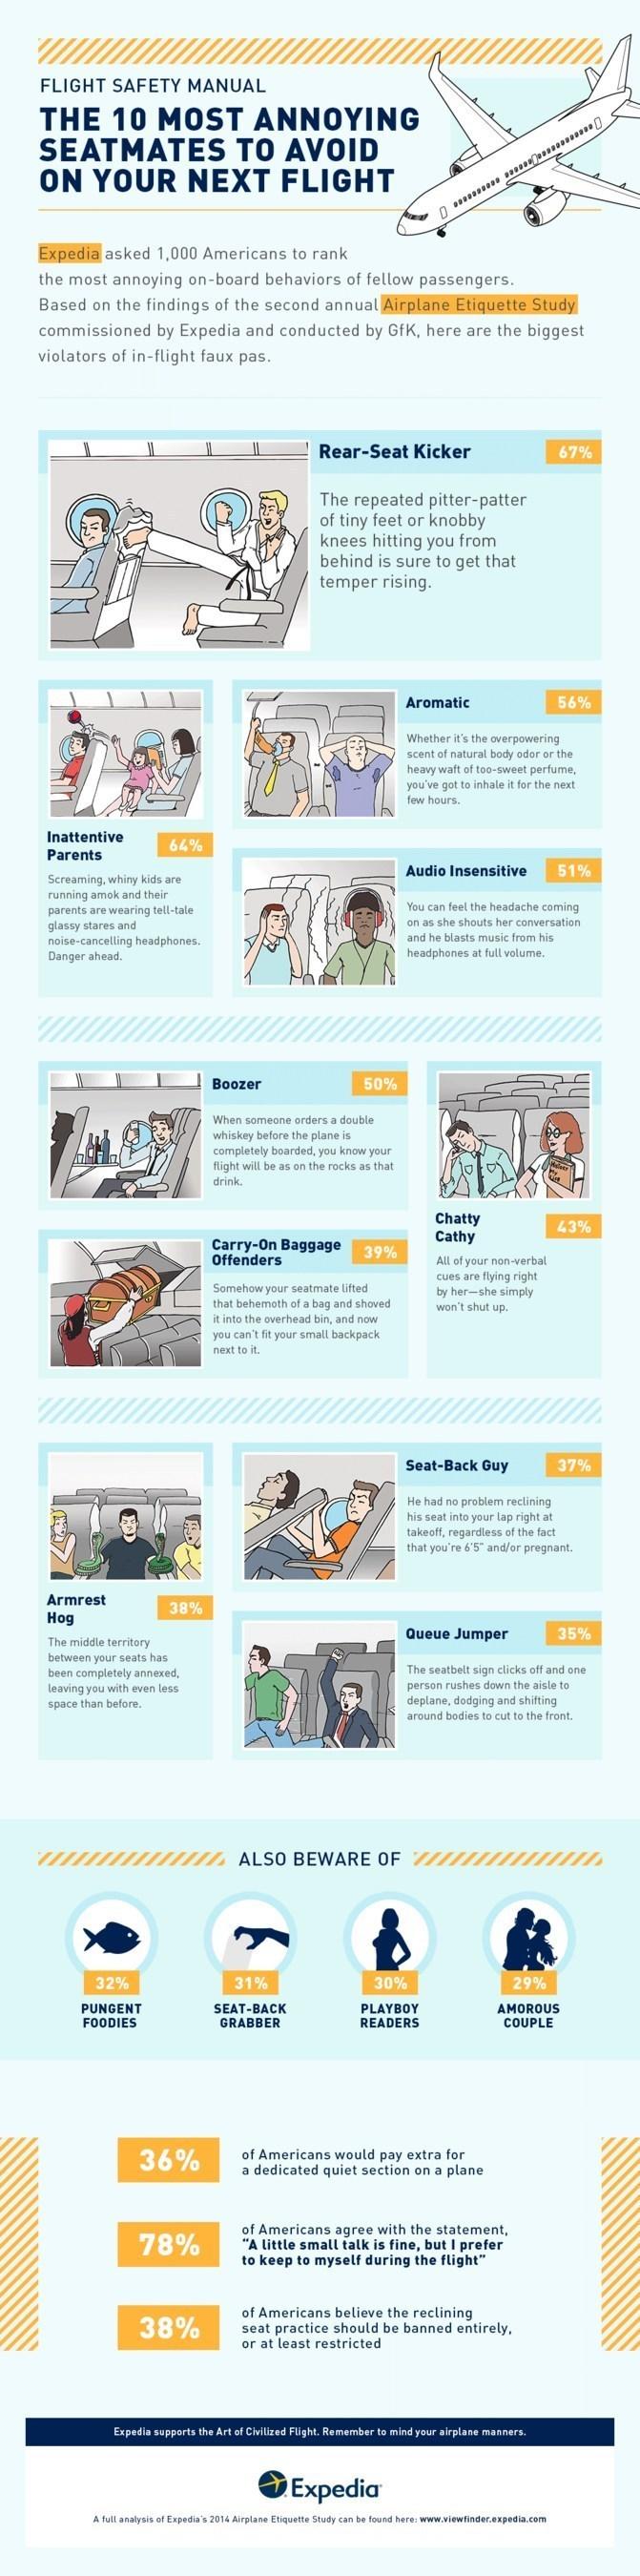 Expedia 2014 Airplane Etiquette Study